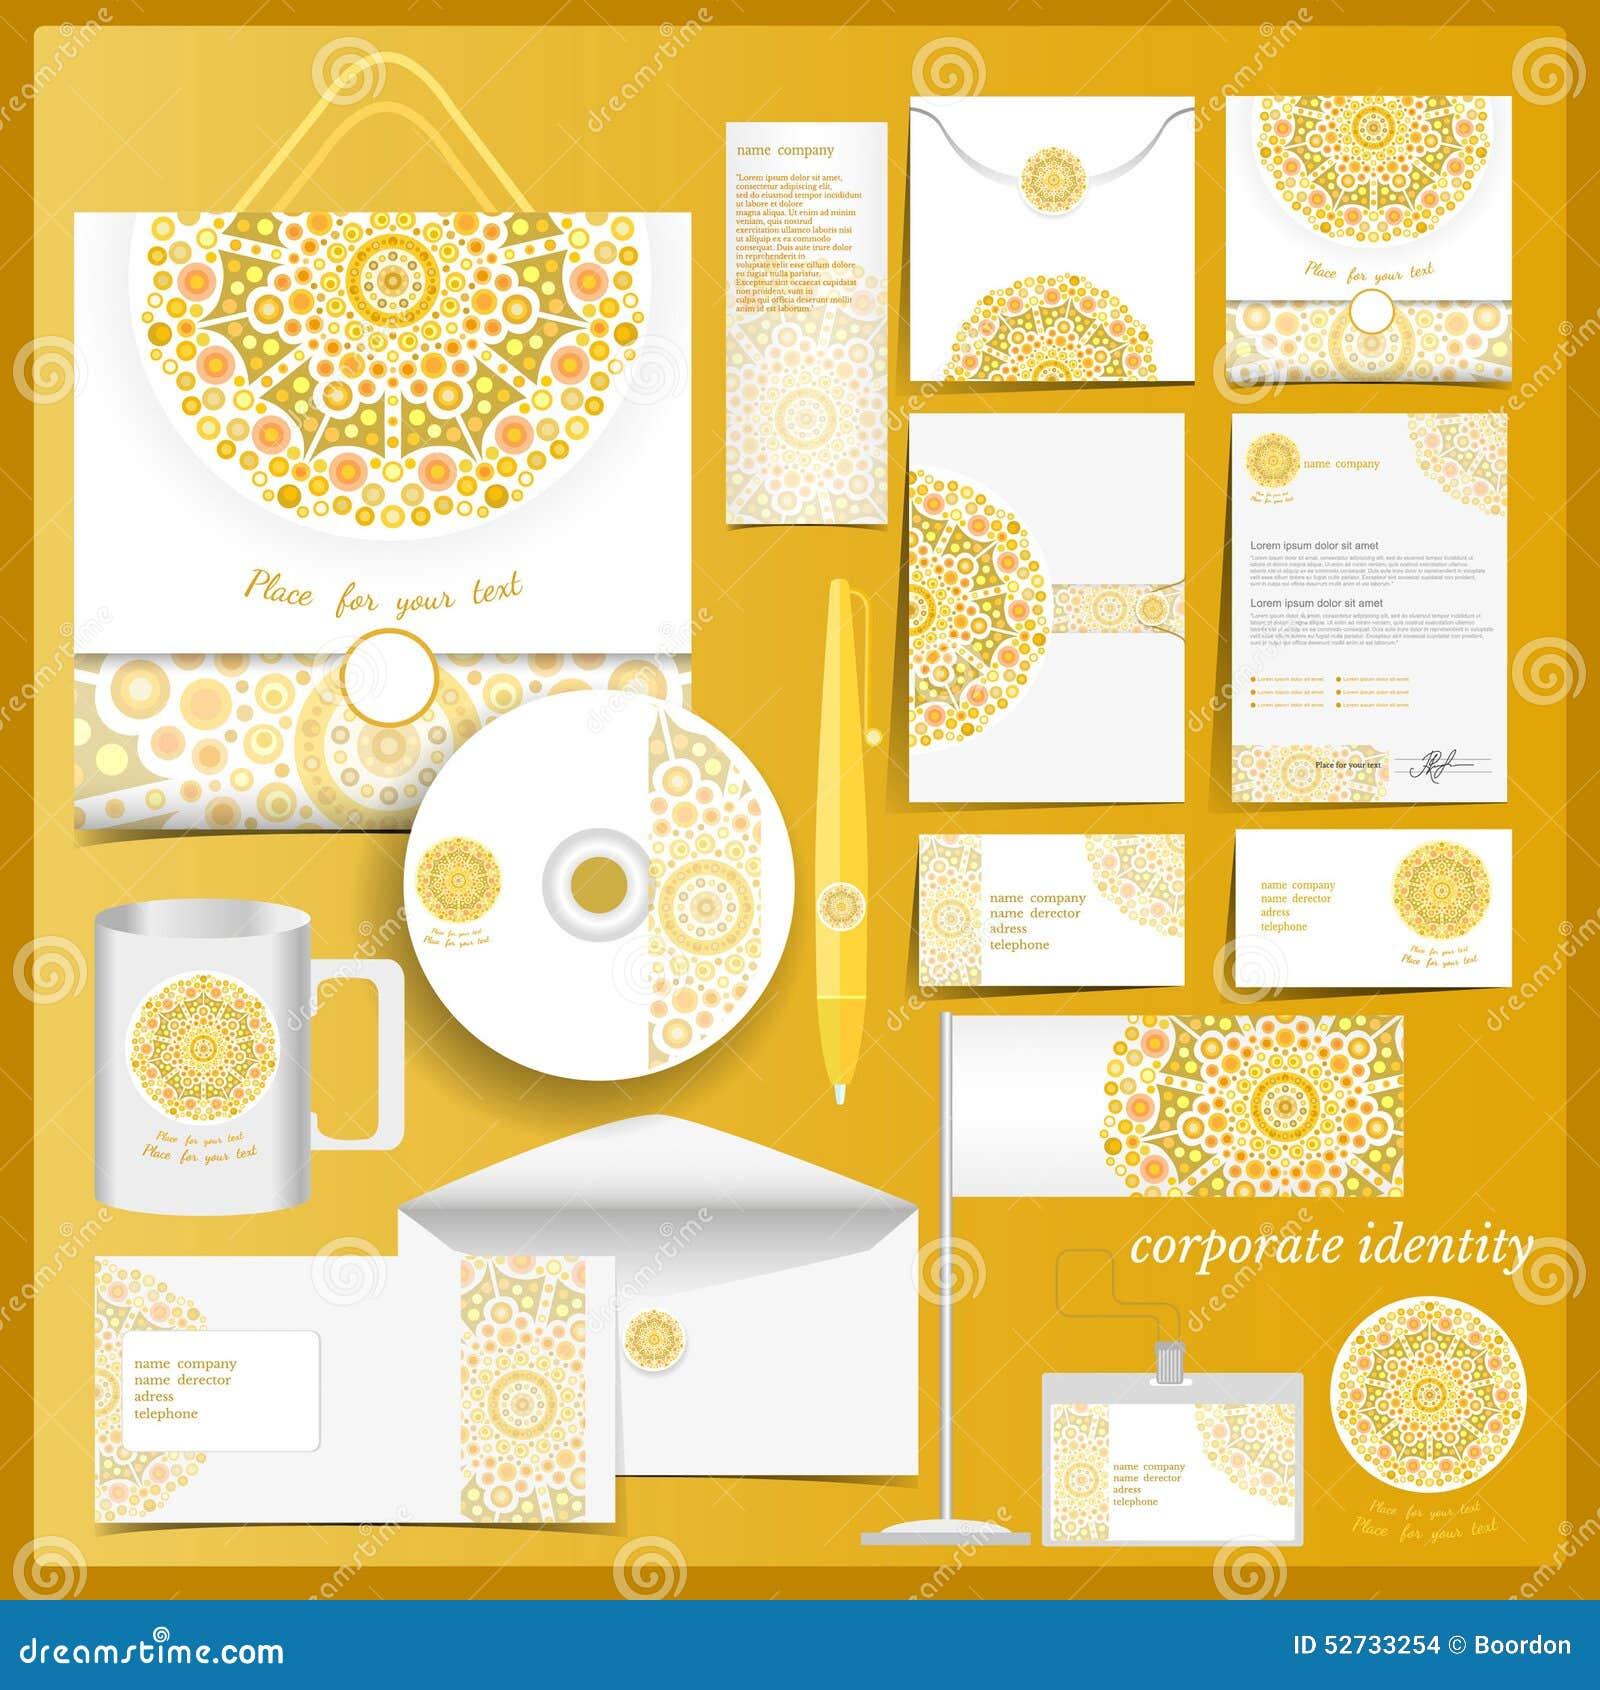 Molde branco da identidade corporativa com elementos do mosaico amarelo